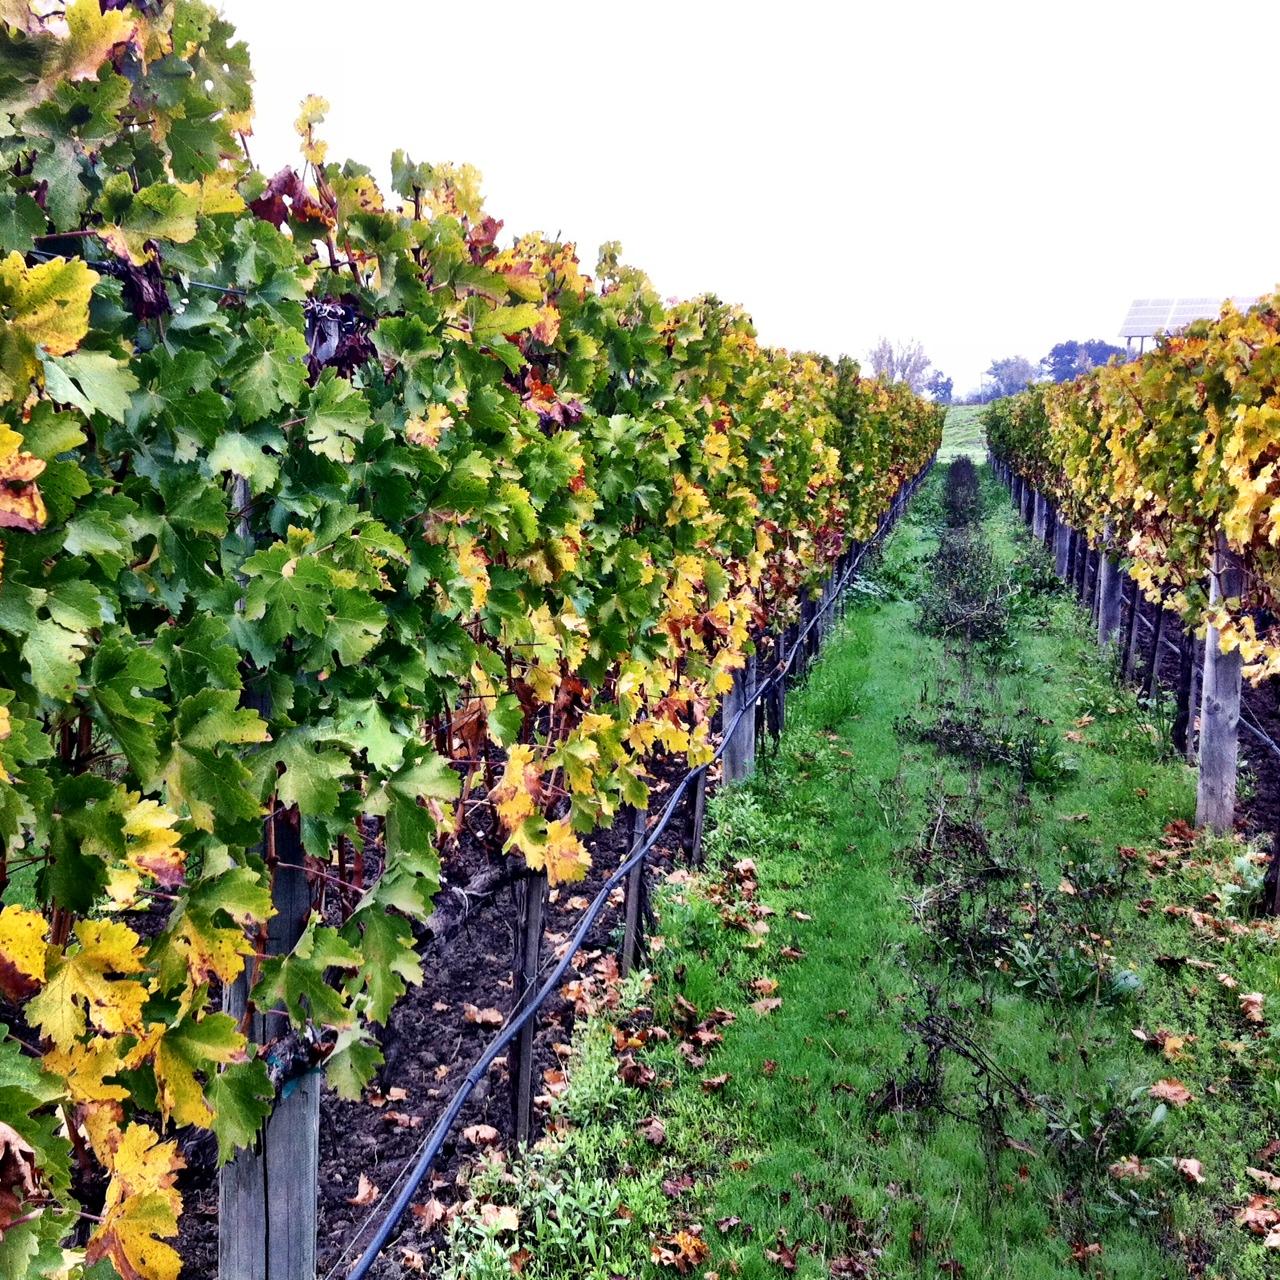 Sullenger Vineyard